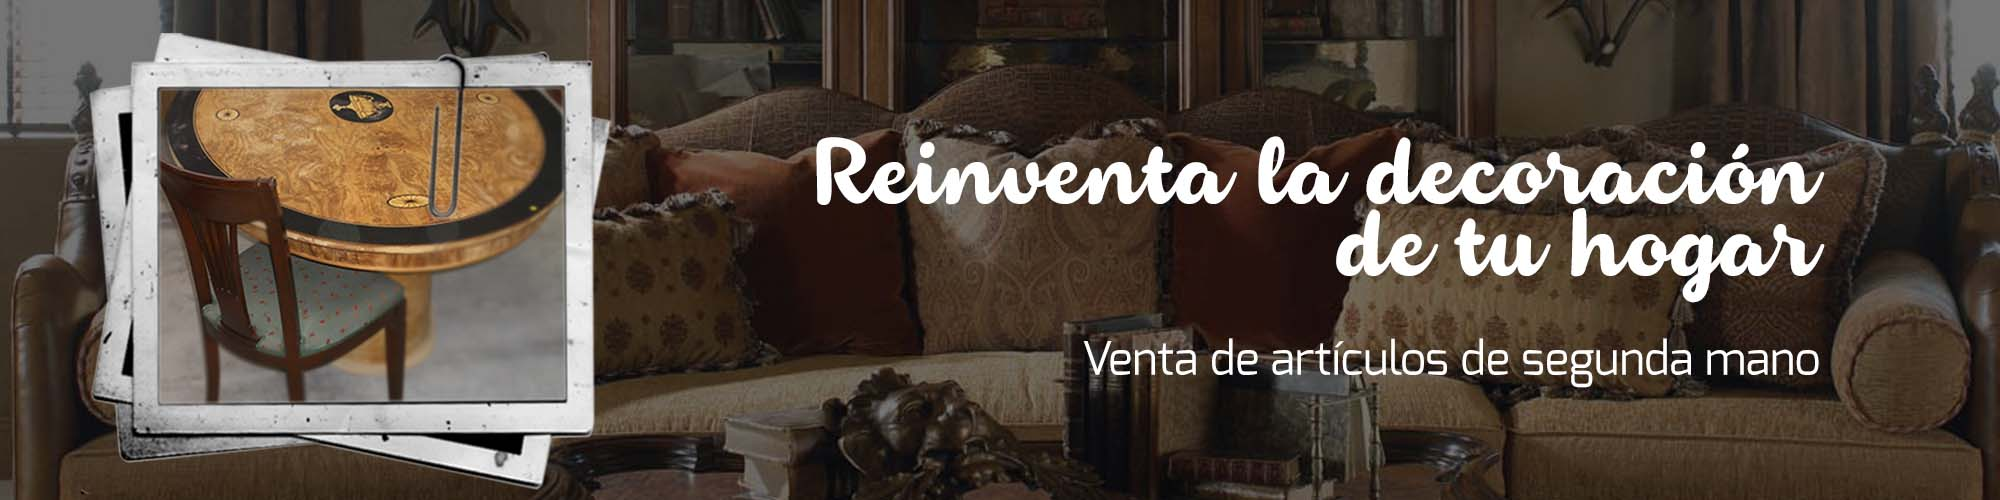 Rastro En Murcia Tienda De Muebles De Segunda Mano Rastro Maru # Muebles De Seegunda Mano